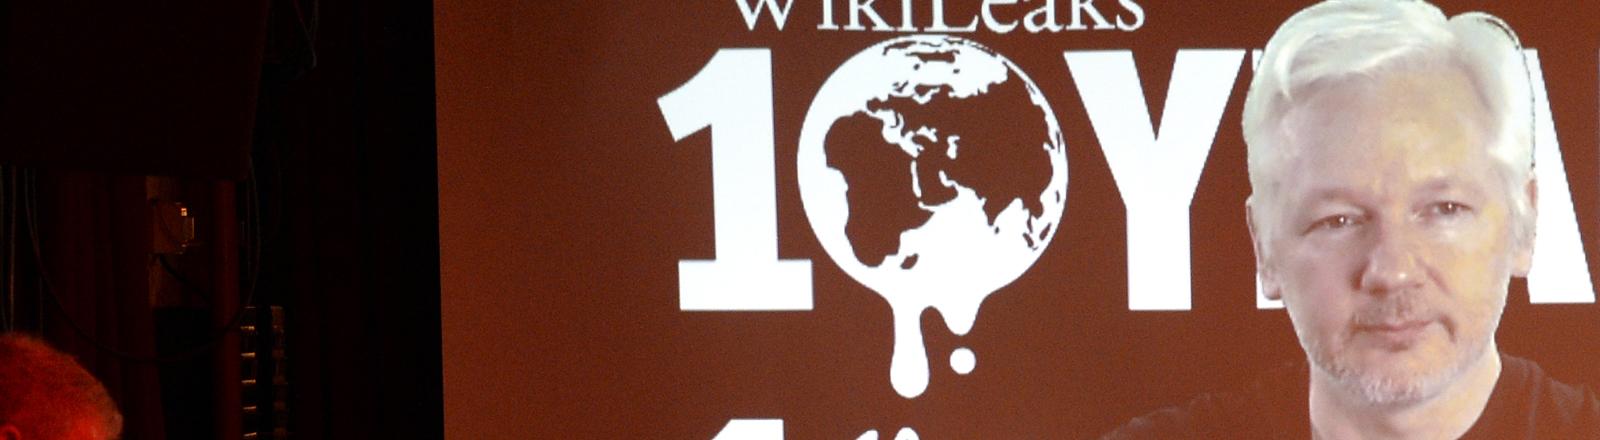 dpa: Assange in einer Video-Liveschaltung bei einer Pressekonferenz in Berlin